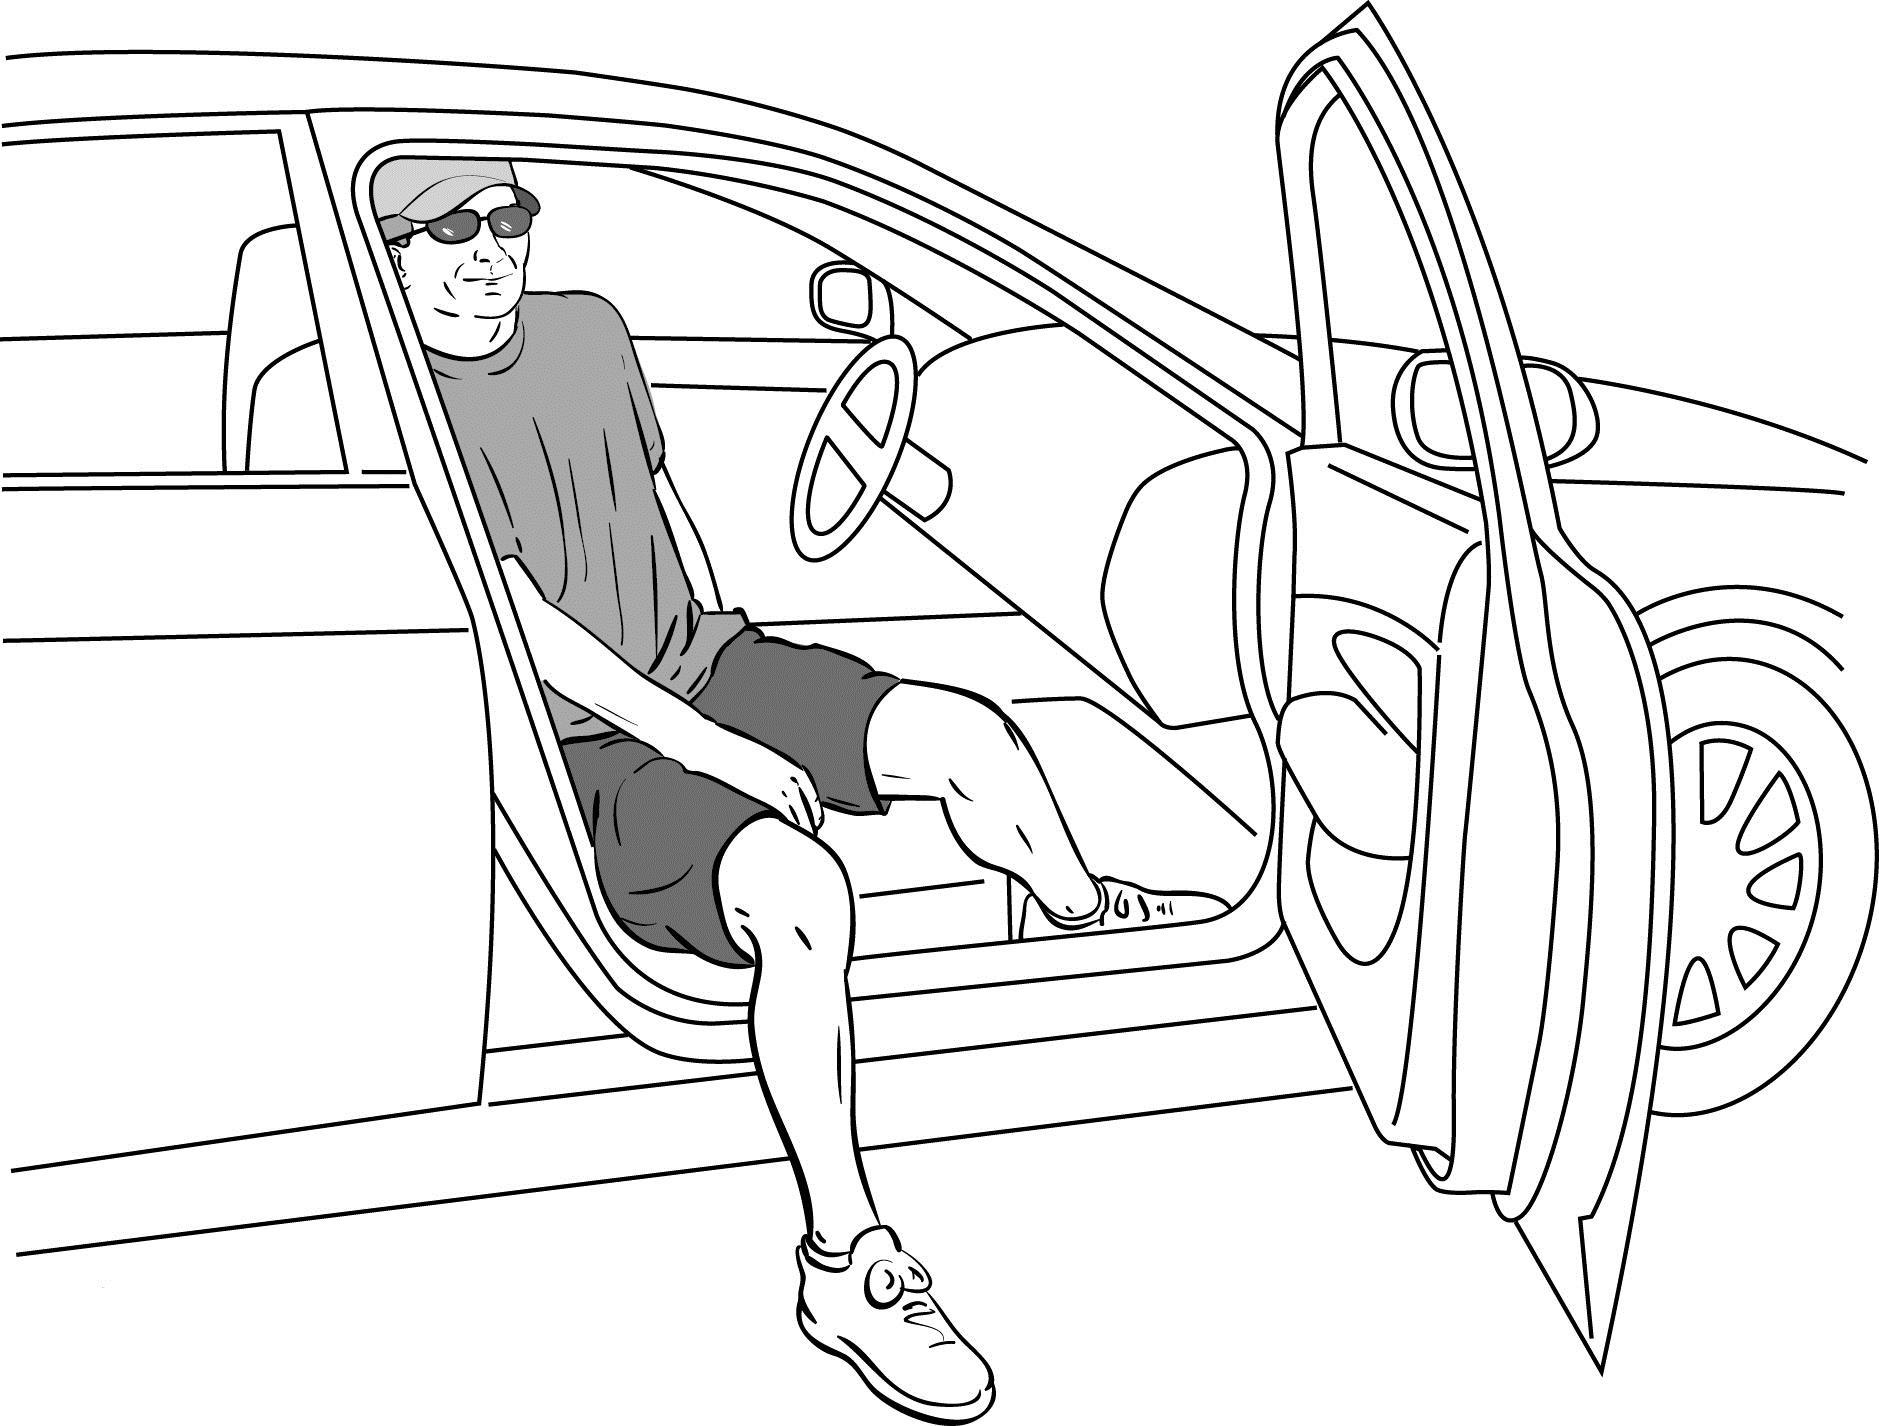 Είσοδος έξοδος σε αυτοκίνητο μετά αρθροπλαστική γόνατος ή ισχίου